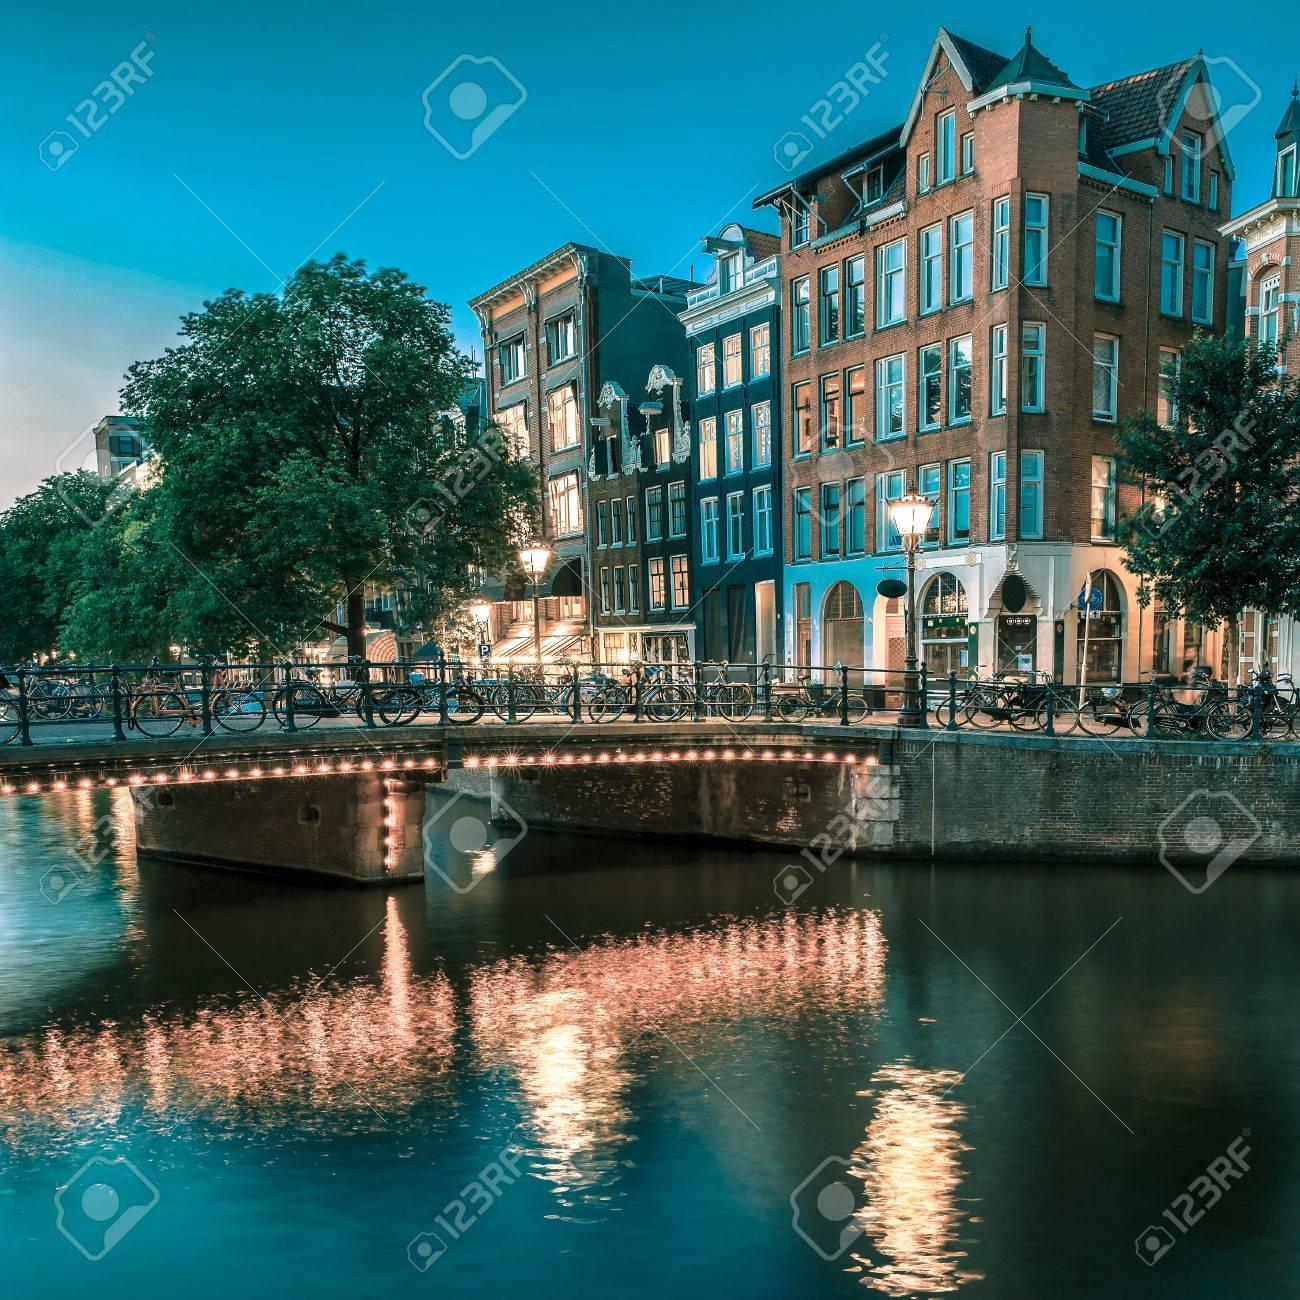 Nacht Blick Auf Amsterdam-Kanal, Typisch Holländischen Häusern Und ...